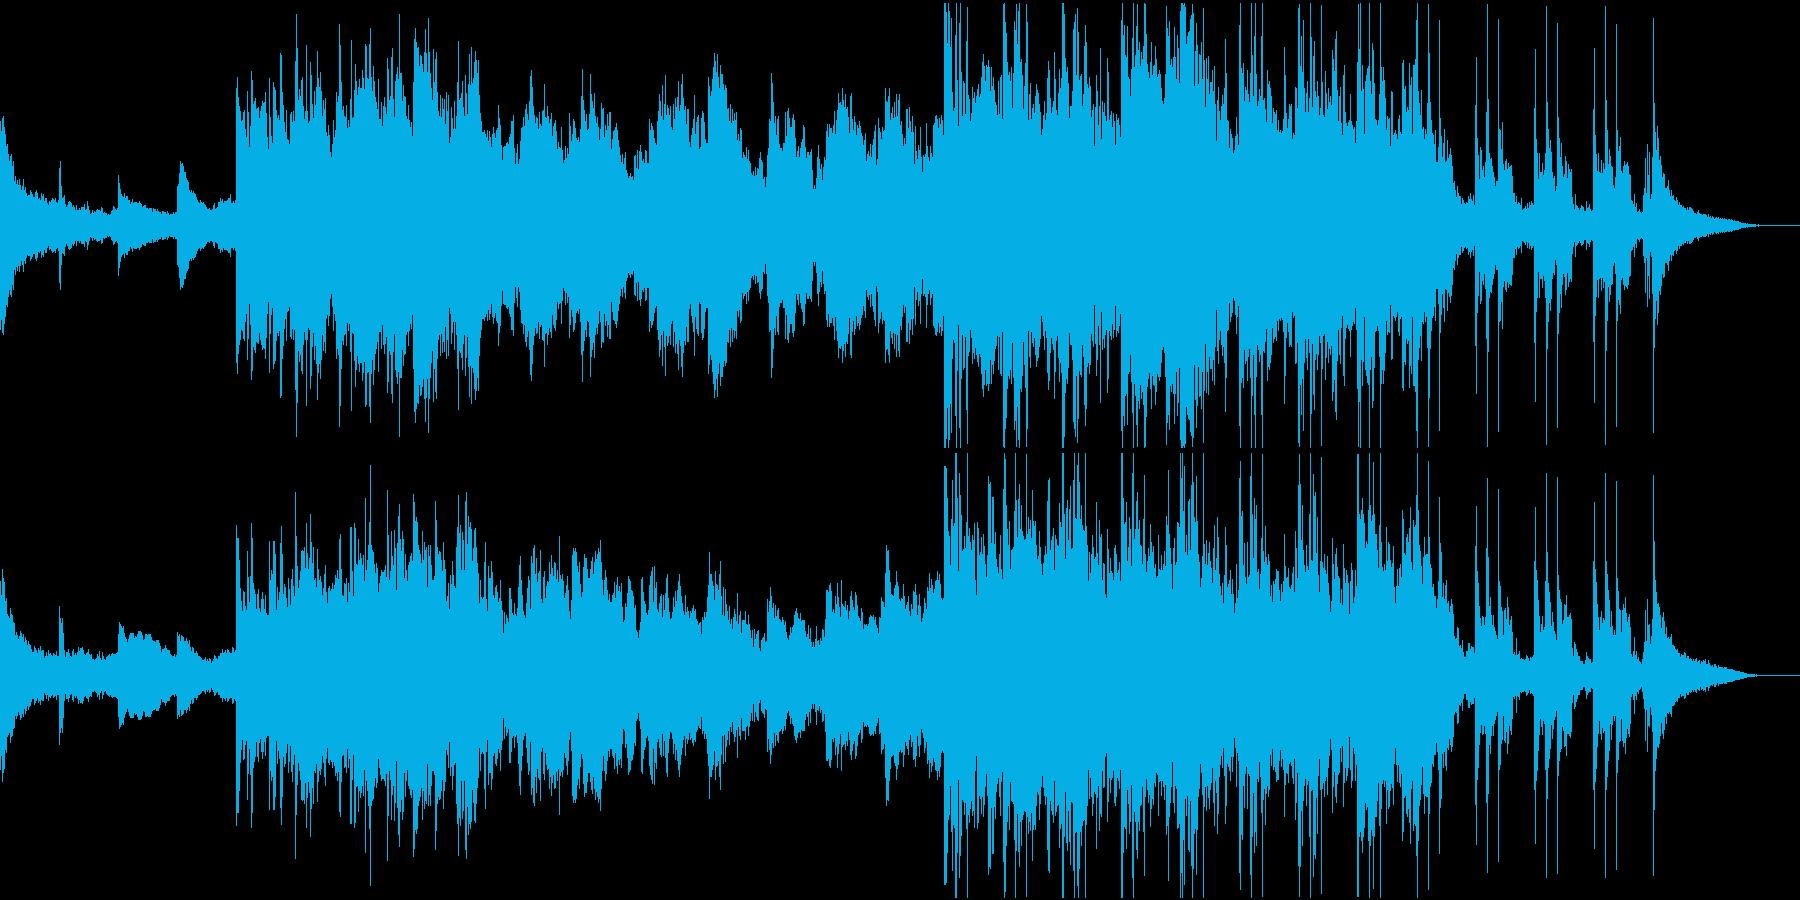 アンビエント 秘密 迷宮 謎 不思議RYの再生済みの波形